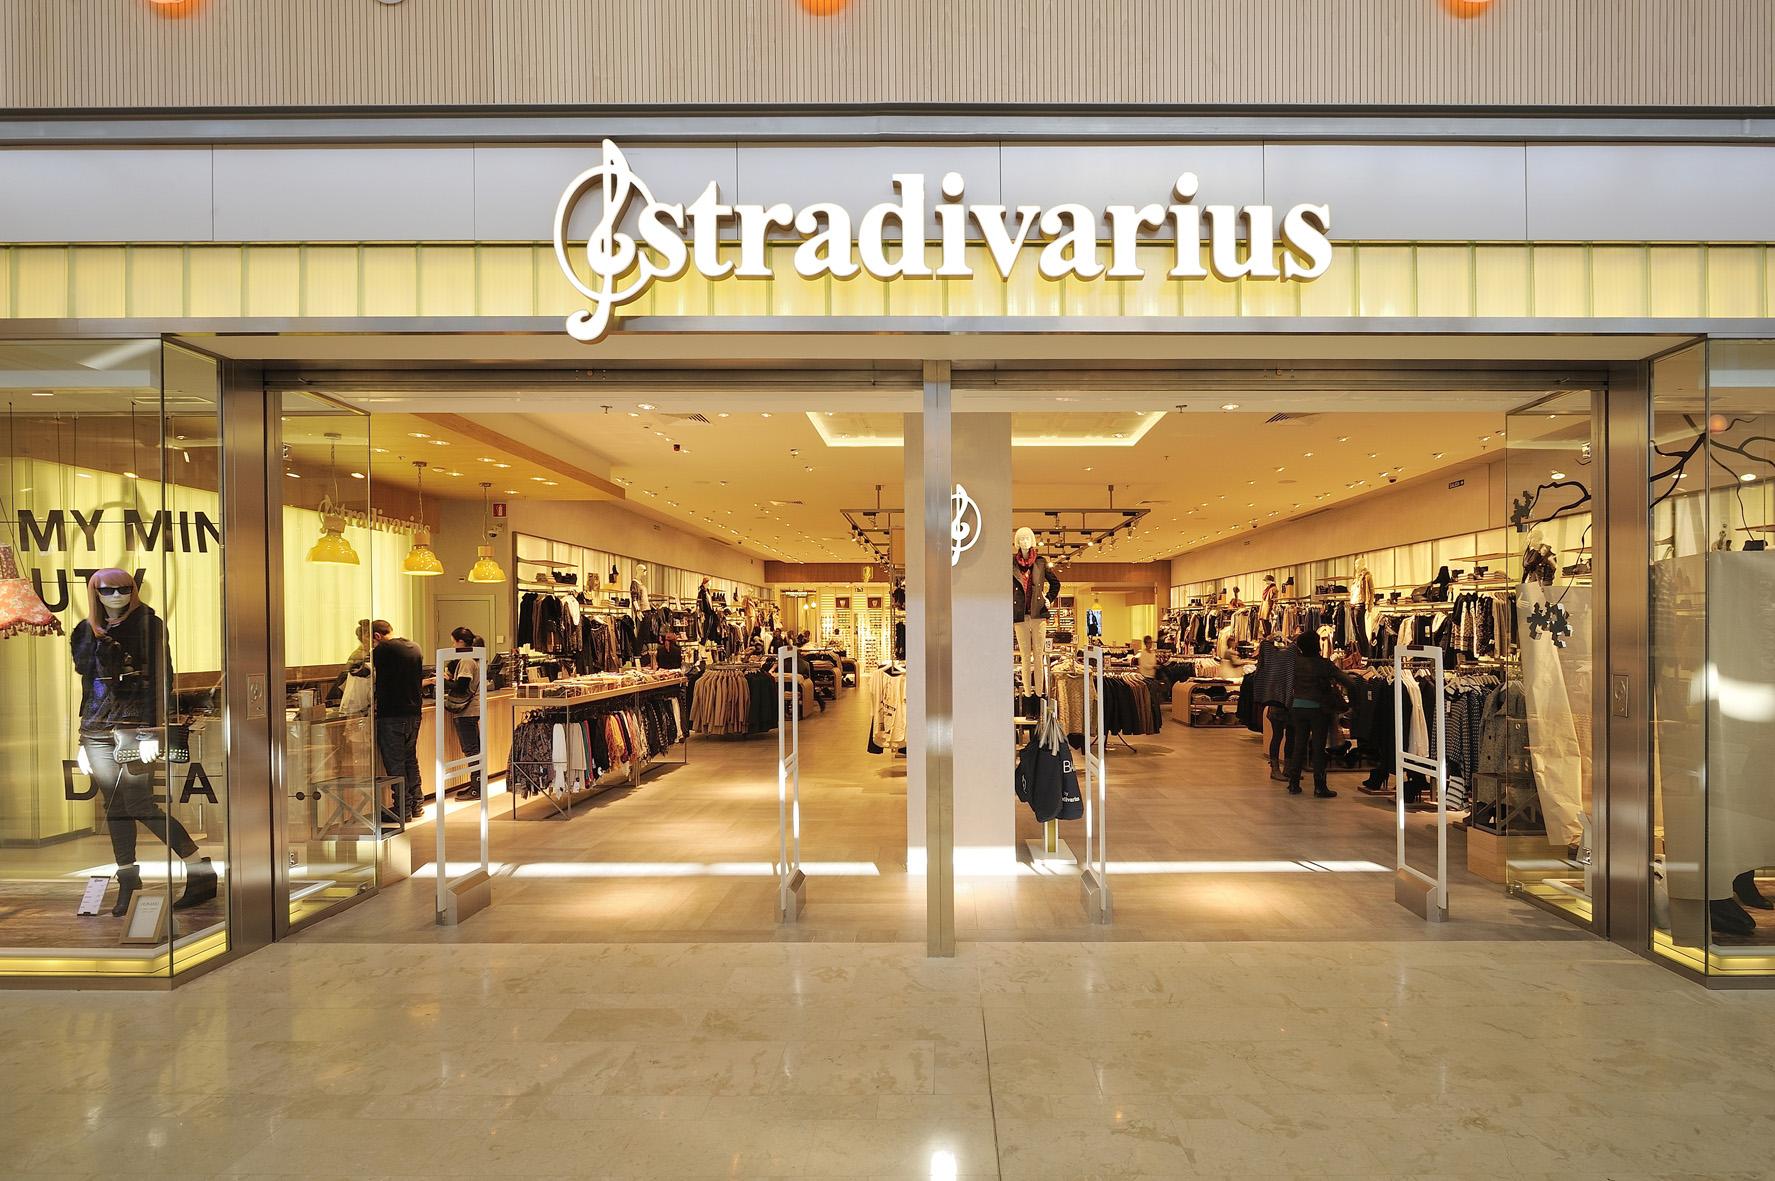 Lavoro a cagliari nuova apertura stradivarius si cercano for Zara nuova apertura